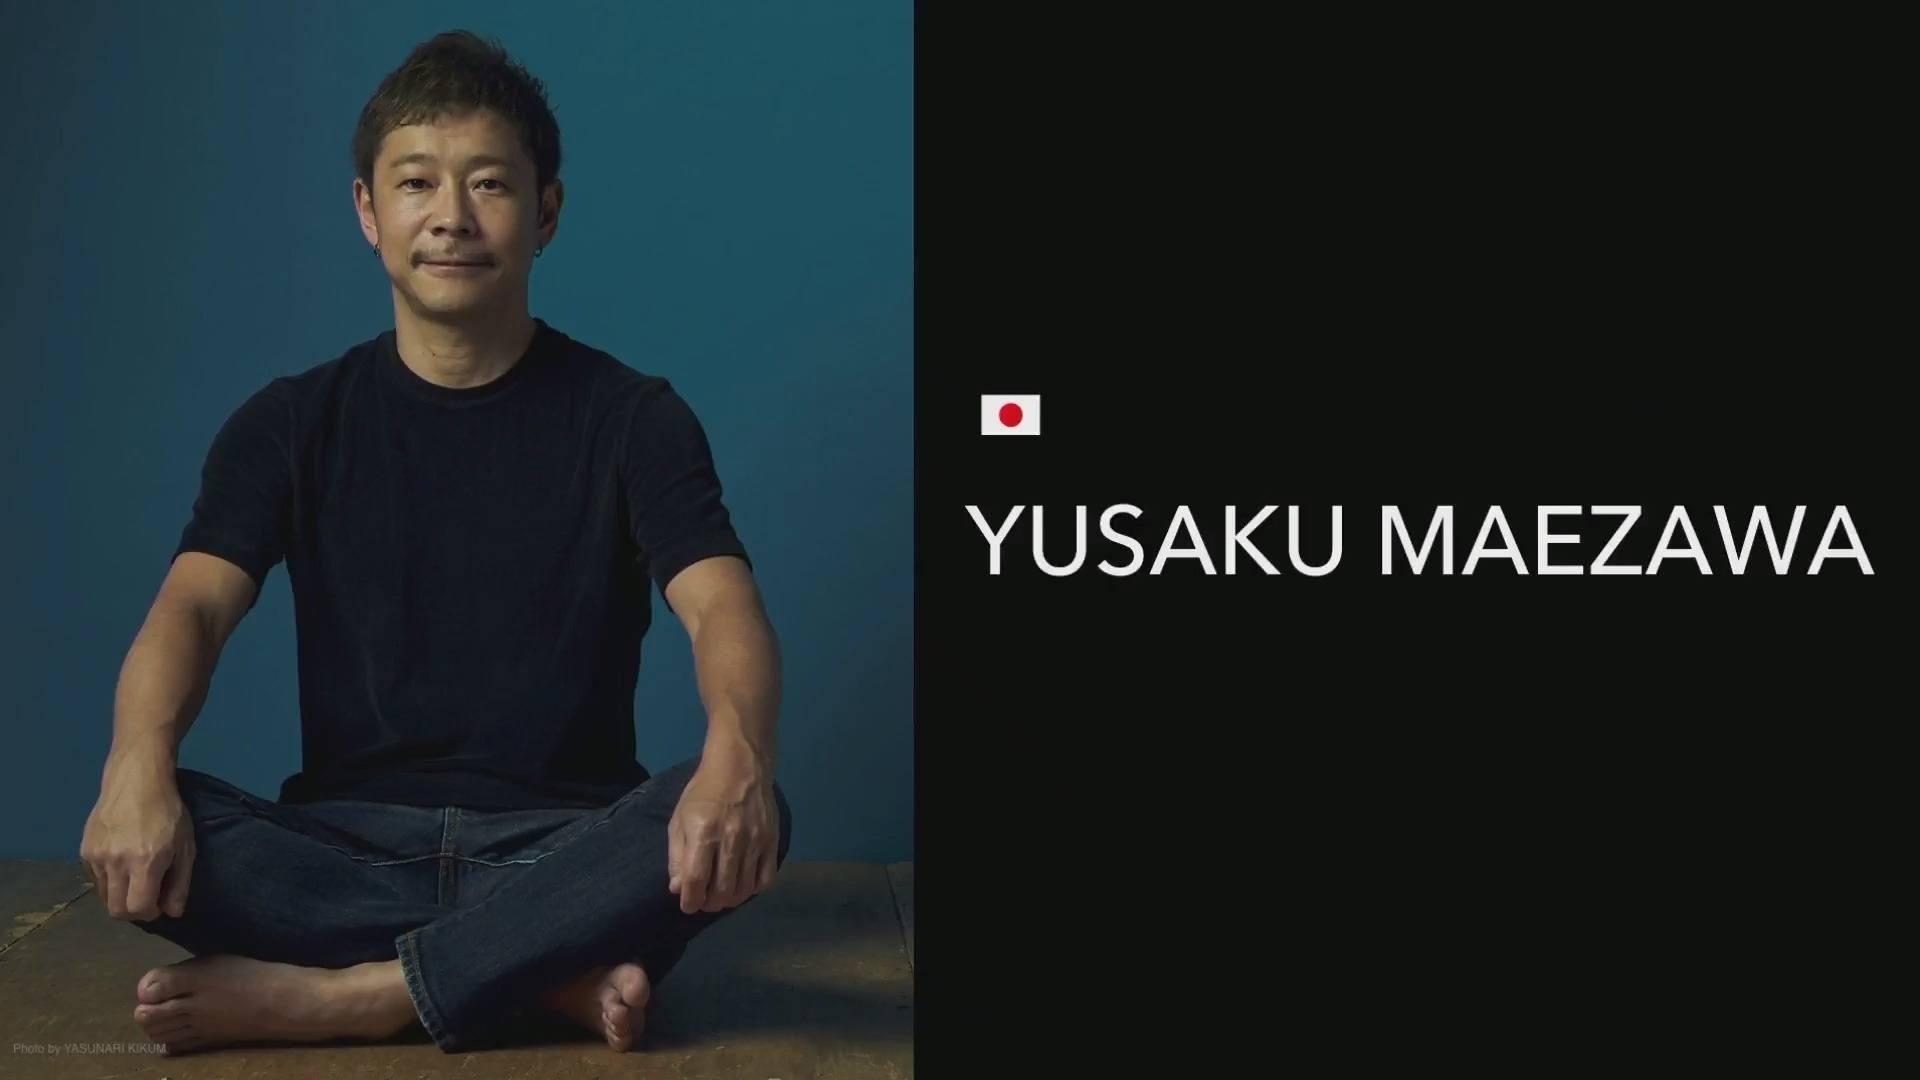 spacex yusaku maezawa